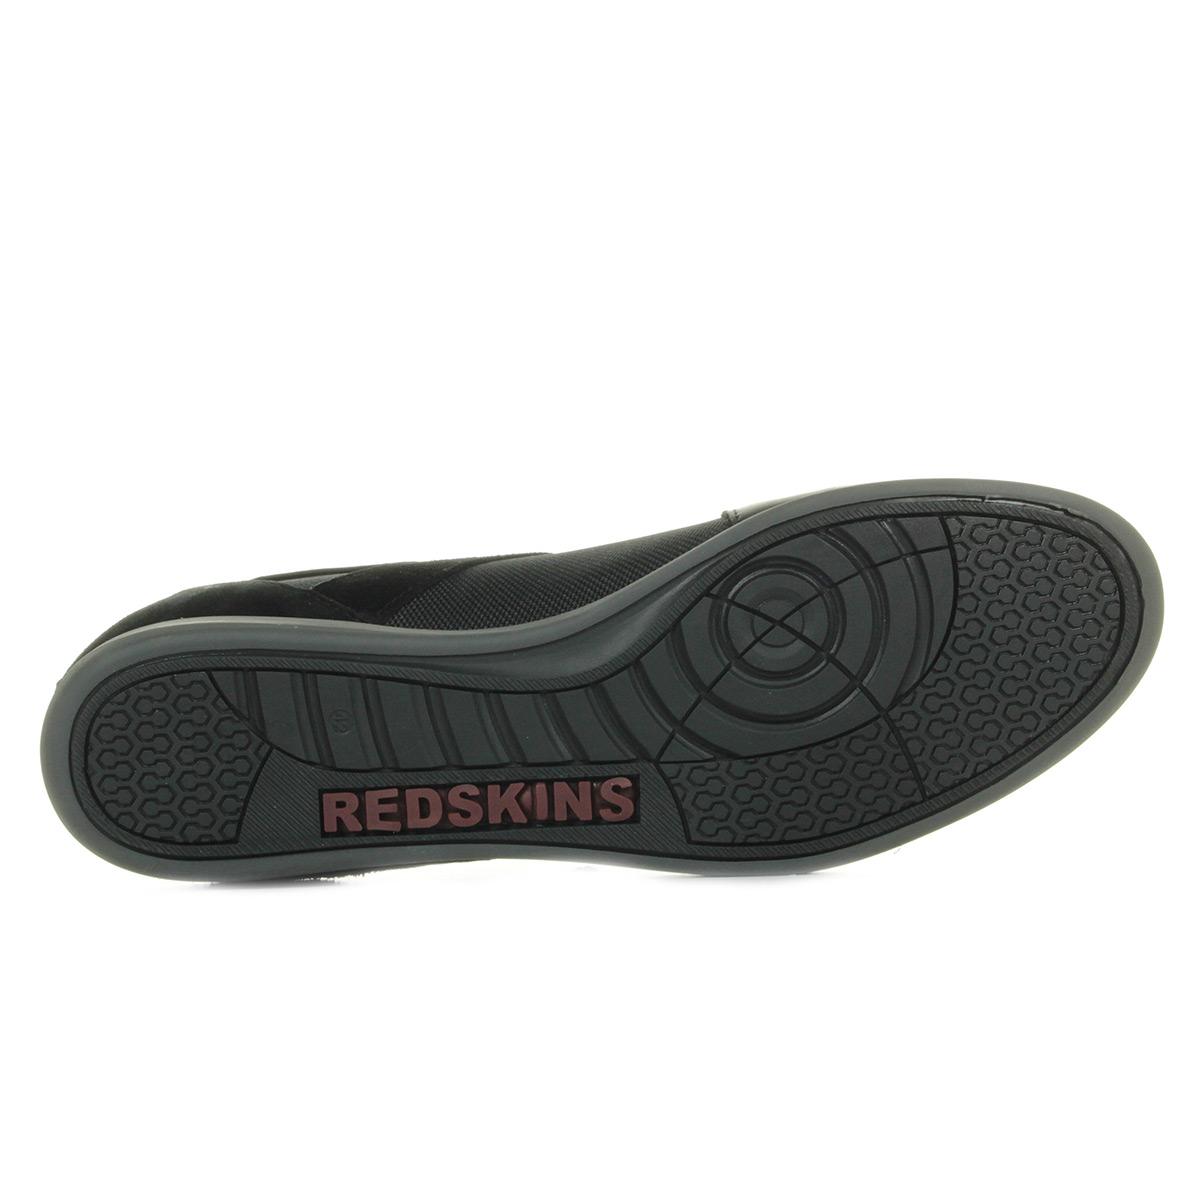 Redskins Wibou Noir VL52102727, Baskets mode homme